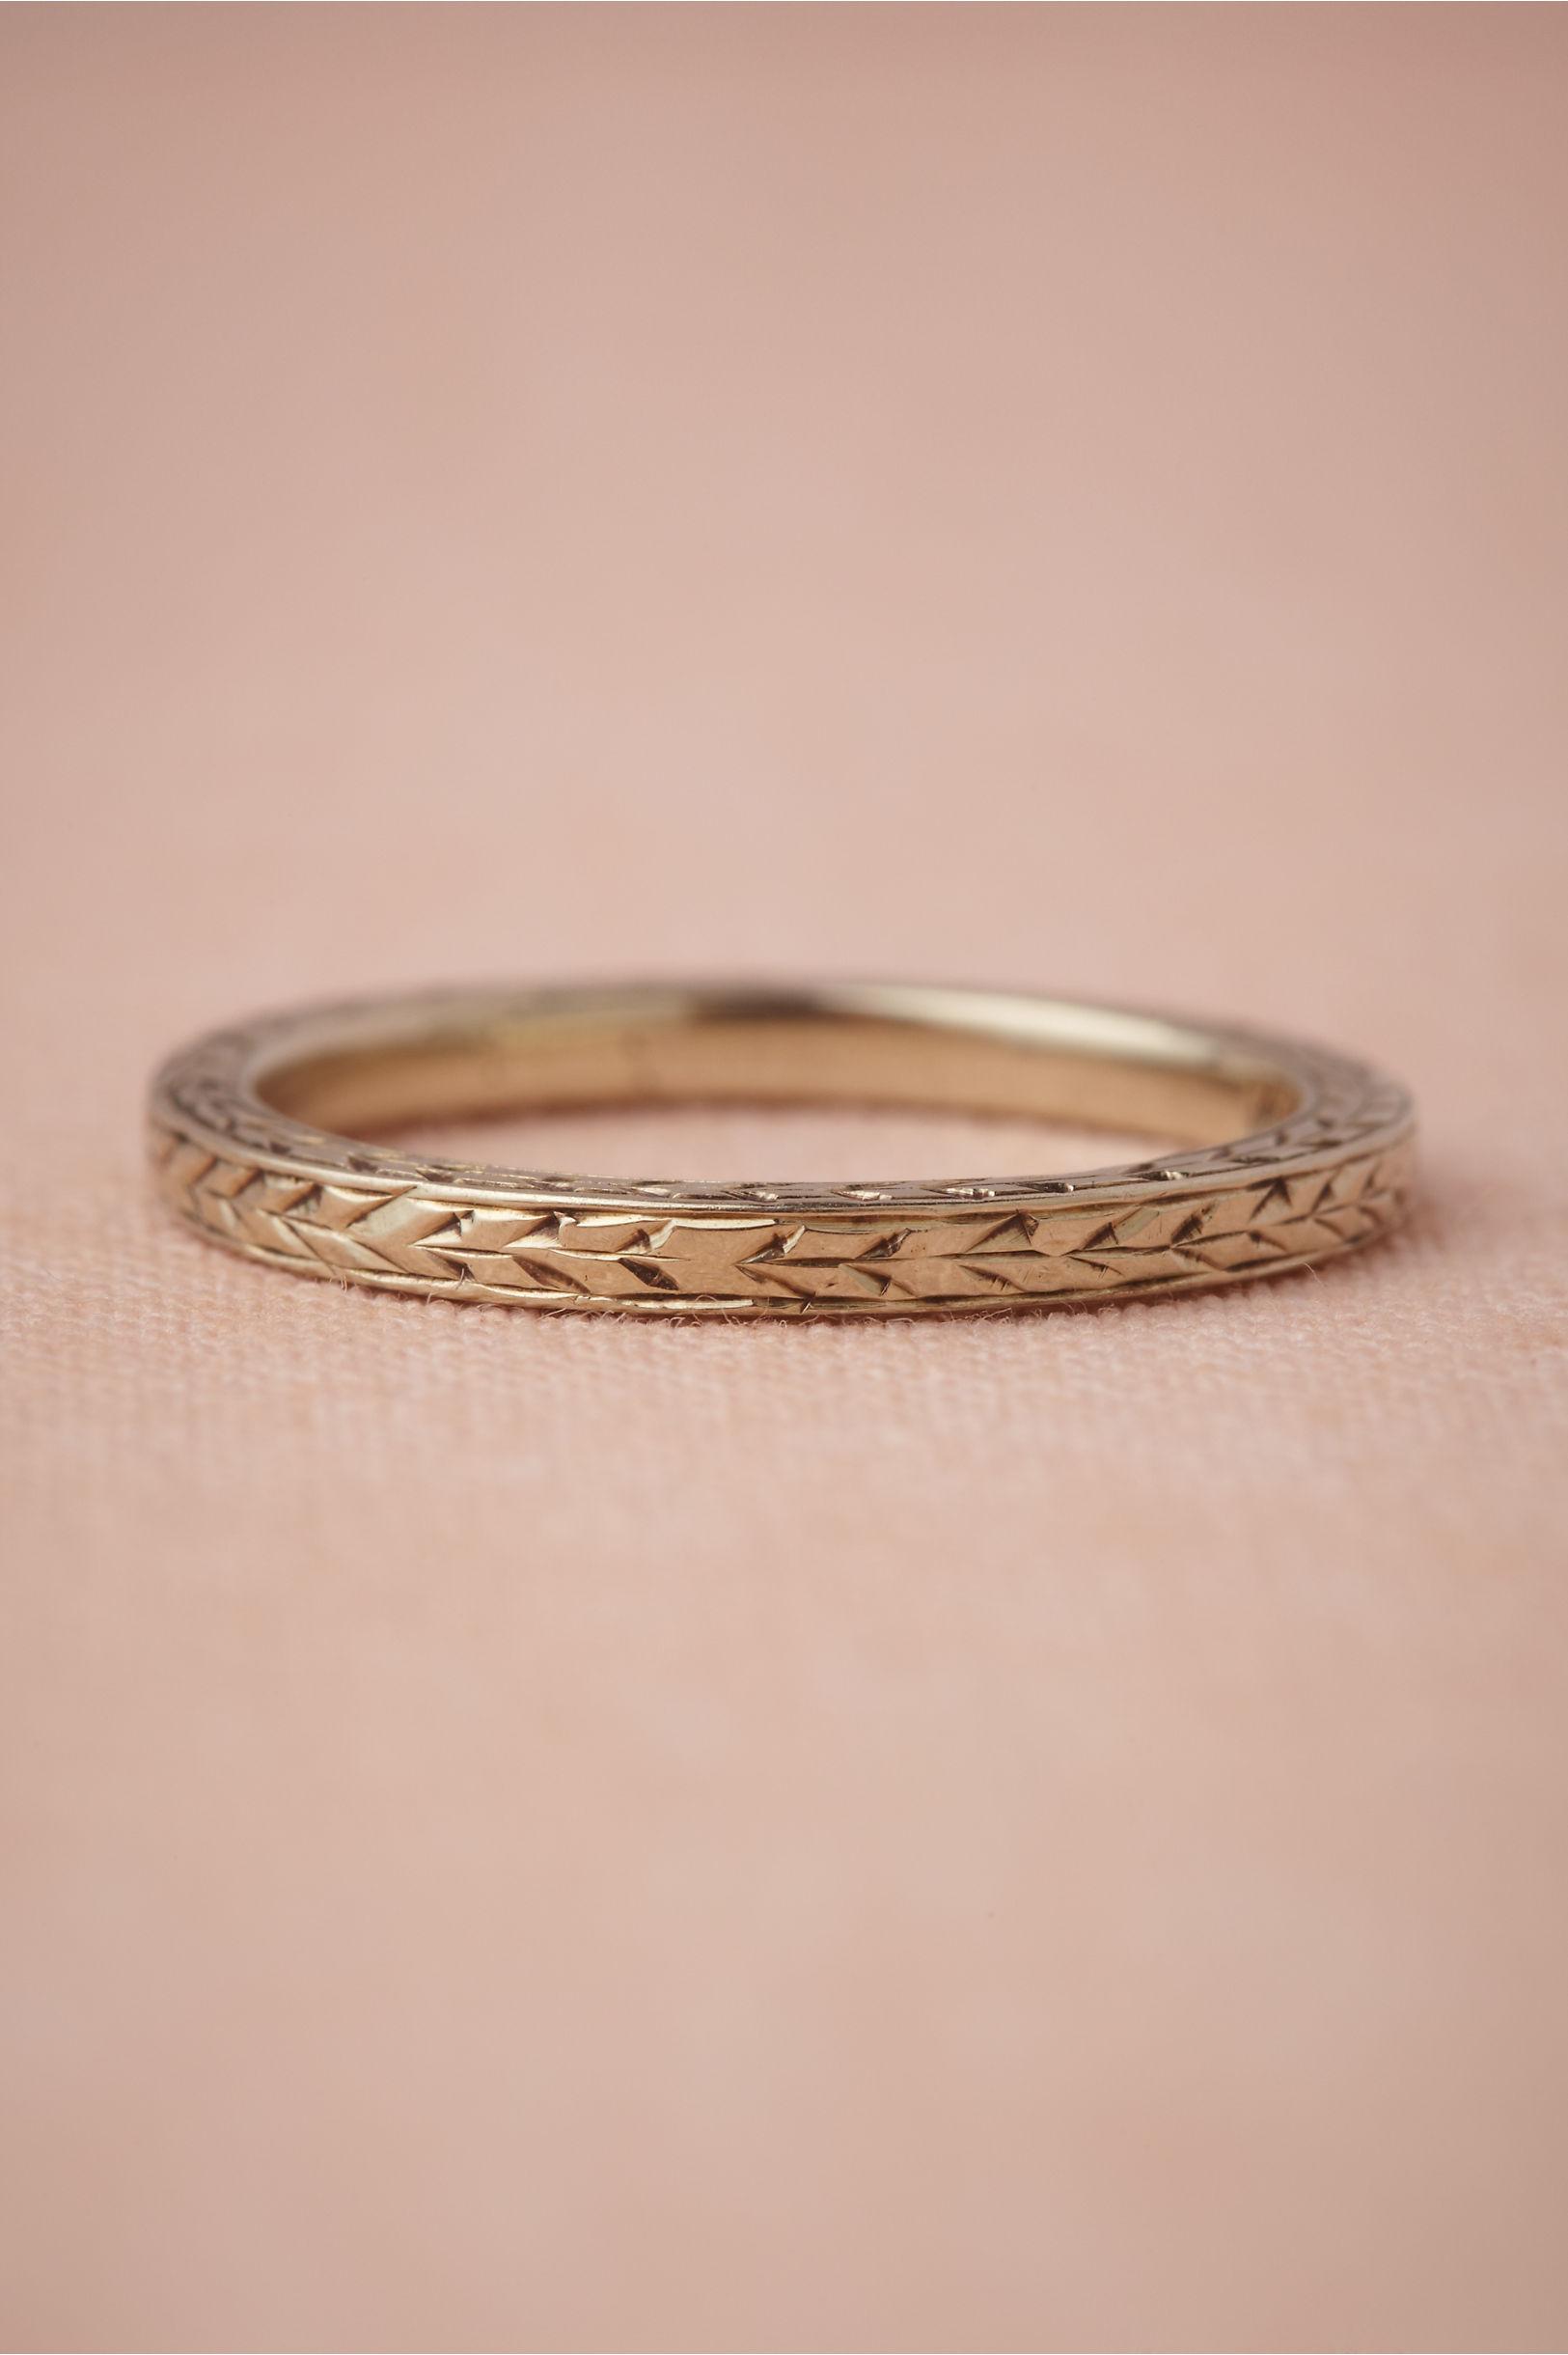 Wild Emmer Ring in Bride | BHLDN